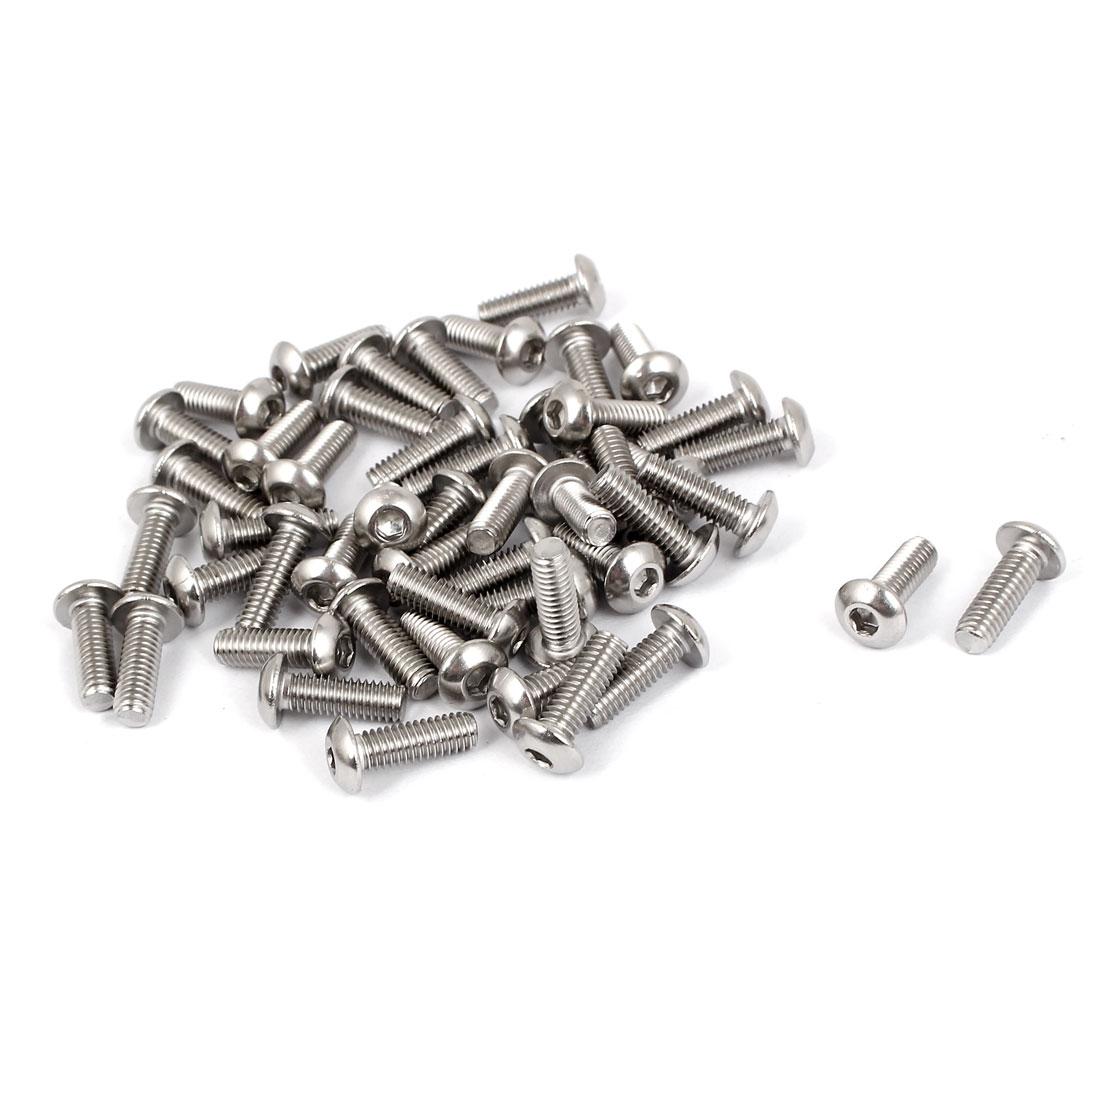 M4 x 12mm Full Thread Button Head Socket Cap Screw Silver Tone 50 Pcs